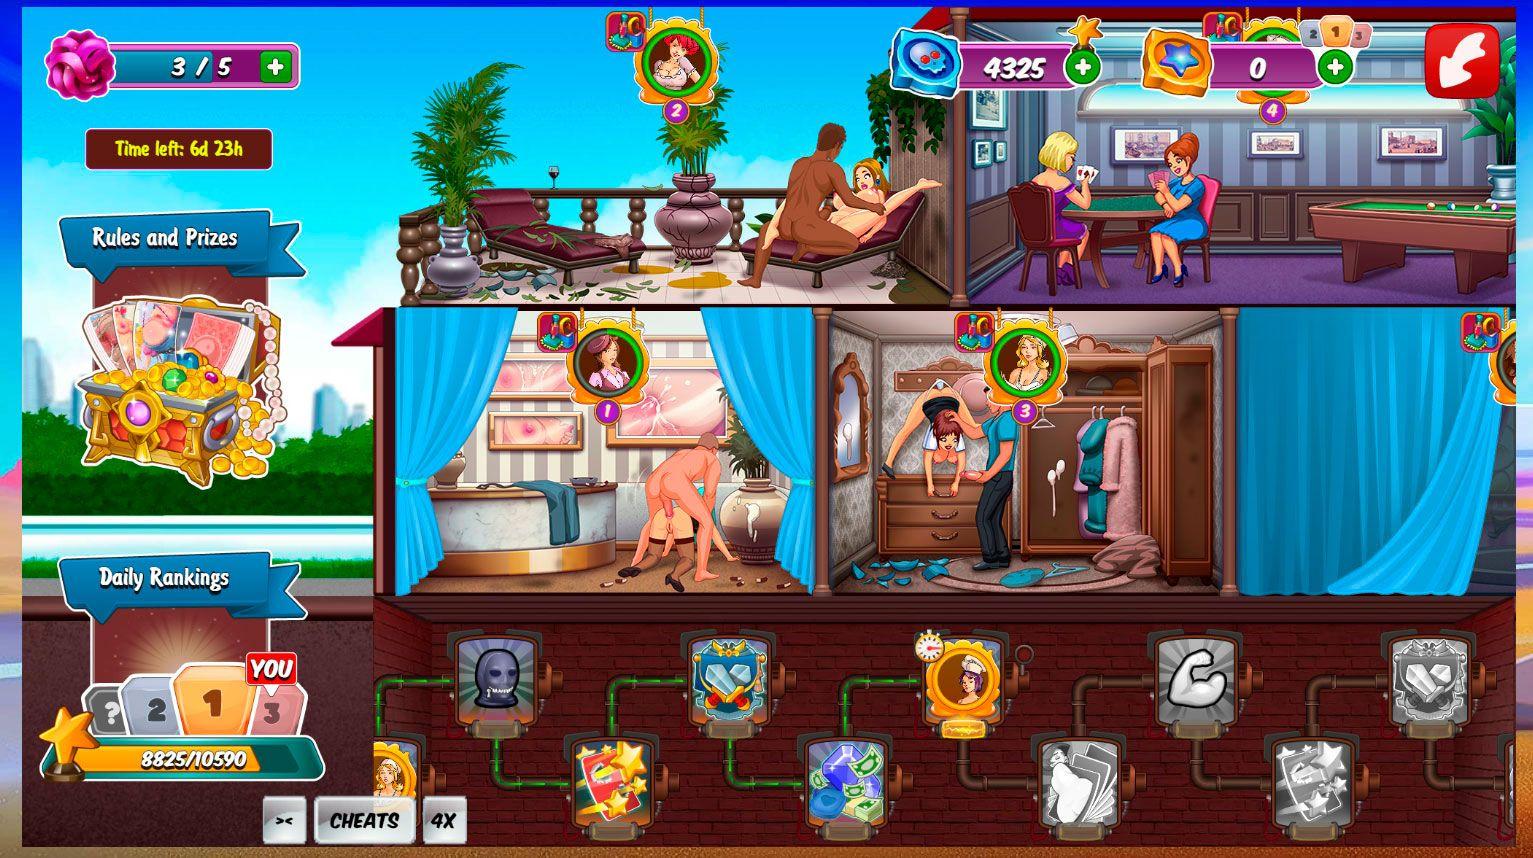 cartoon-sex-game-online-sins